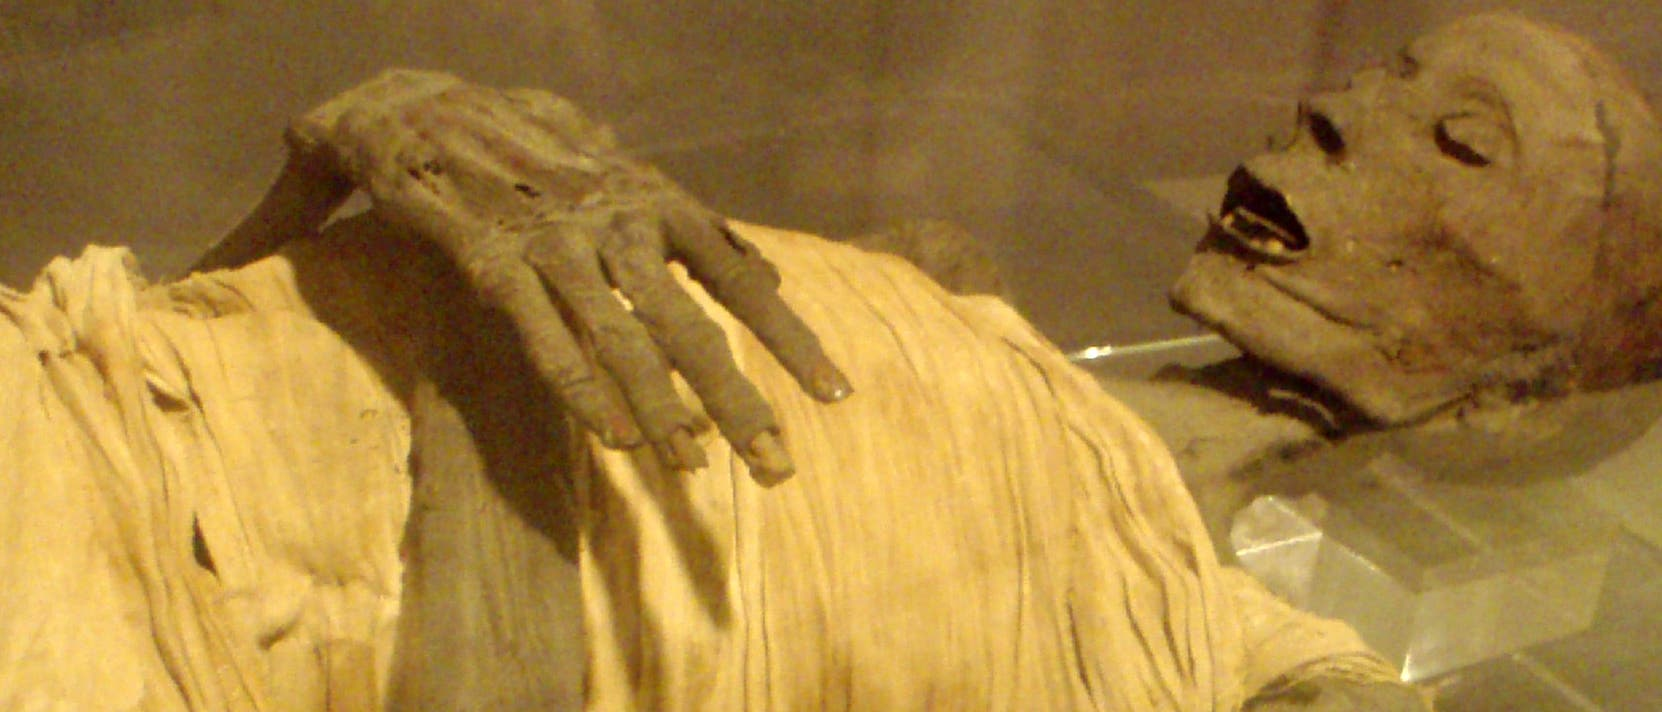 Altägyptische Mumie eines wohlhabenden Mannes der Saite-Periode